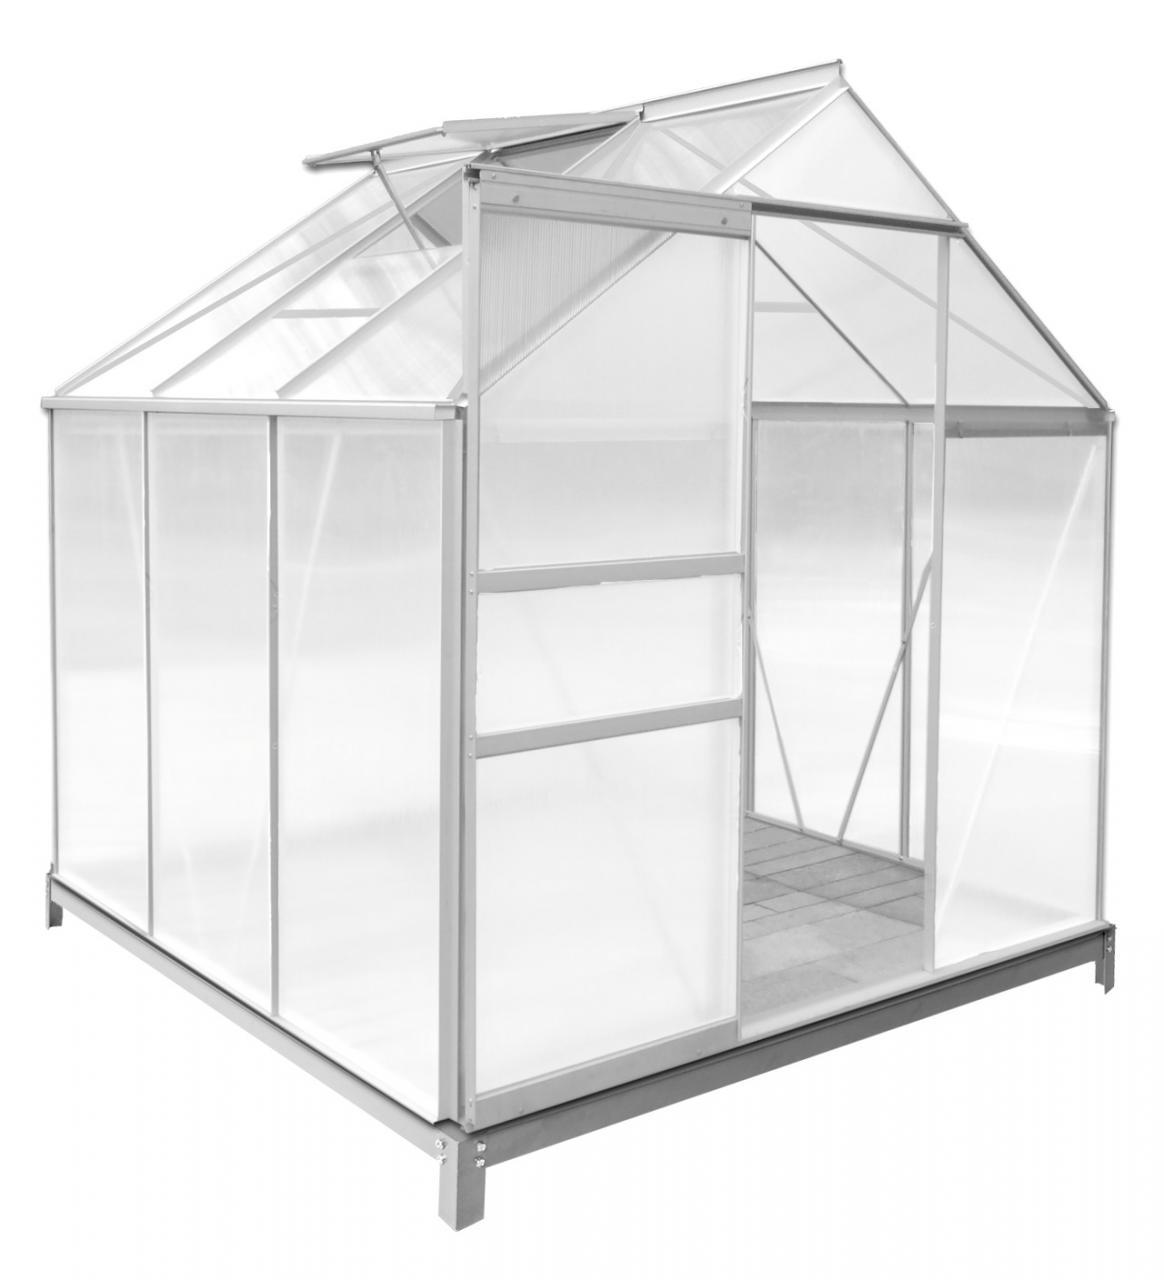 rotfuchs alu gew chshaus mit fundament treibhaus fr hbeet tomaten gartenhaus. Black Bedroom Furniture Sets. Home Design Ideas